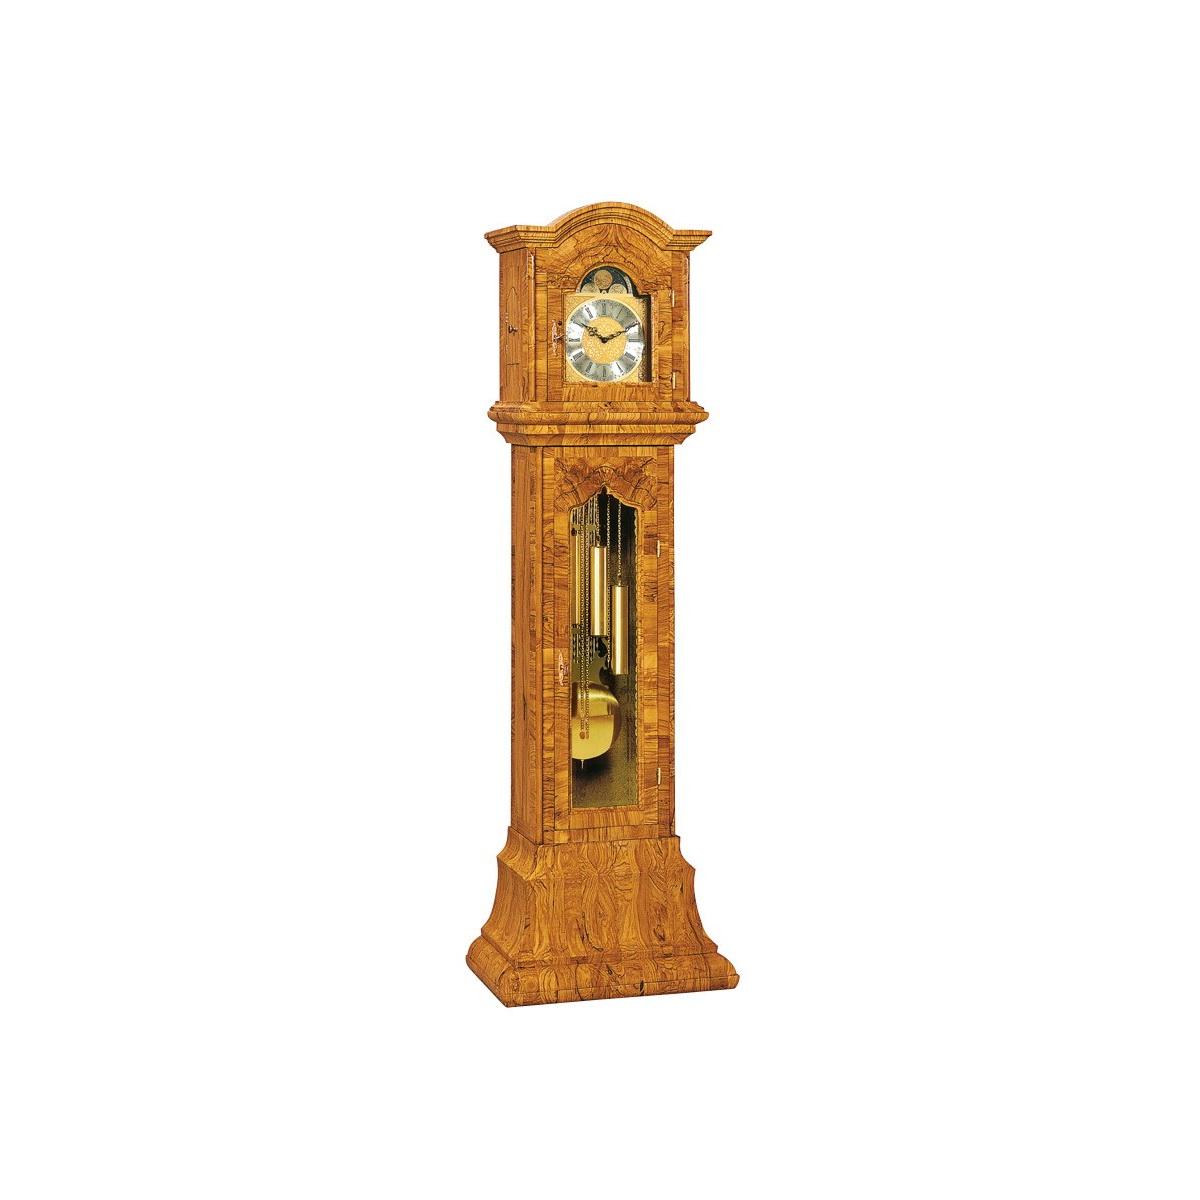 Для своих работ мастера используют древесину высокого качества, большинство элементов изготавливается вручную.